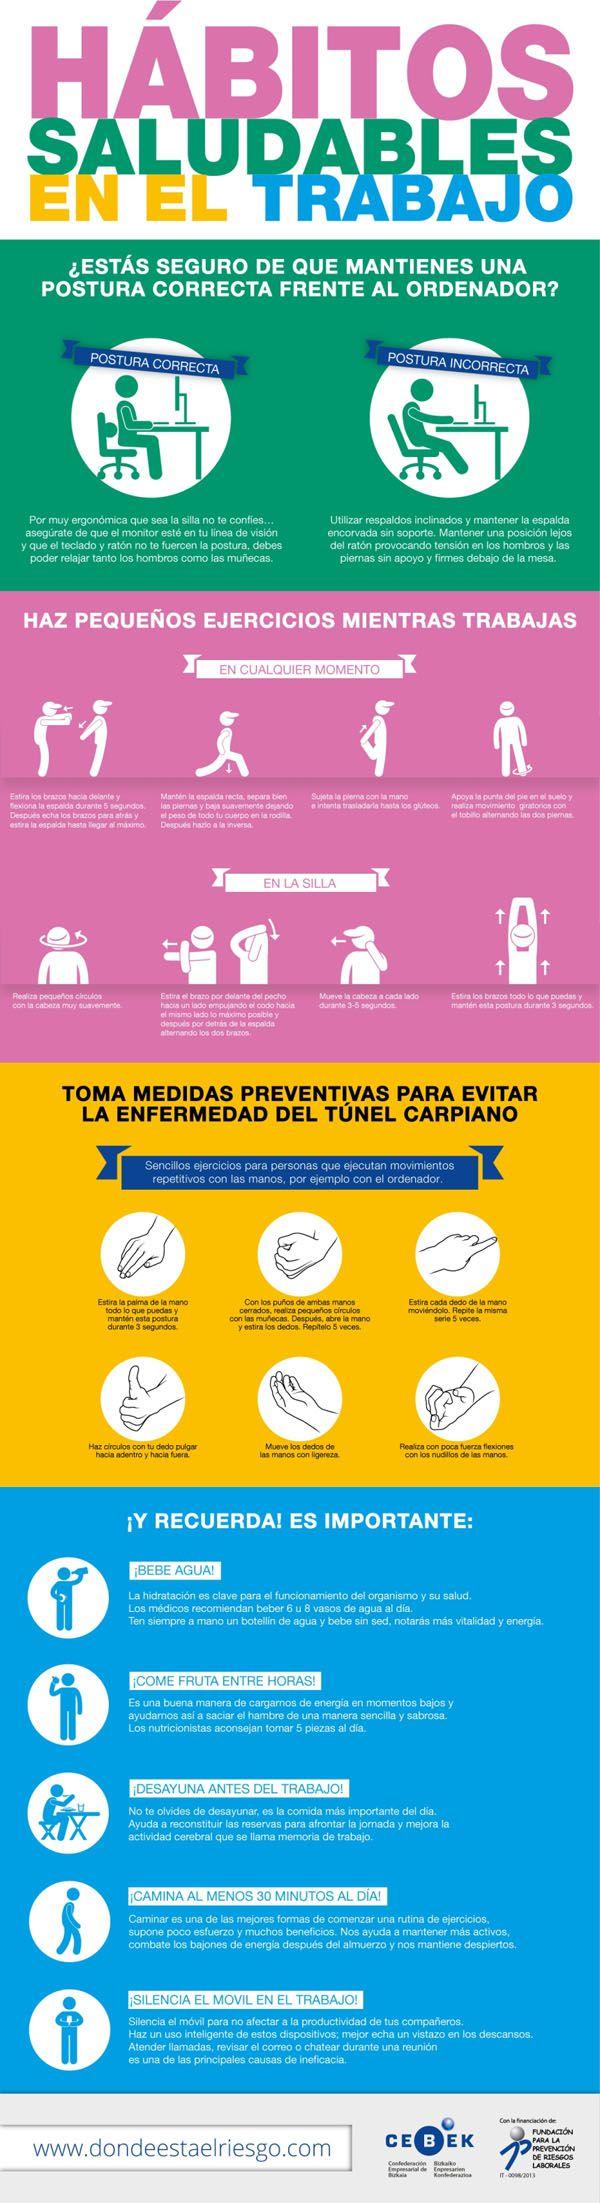 habitos-saludables-trabajo-infografia